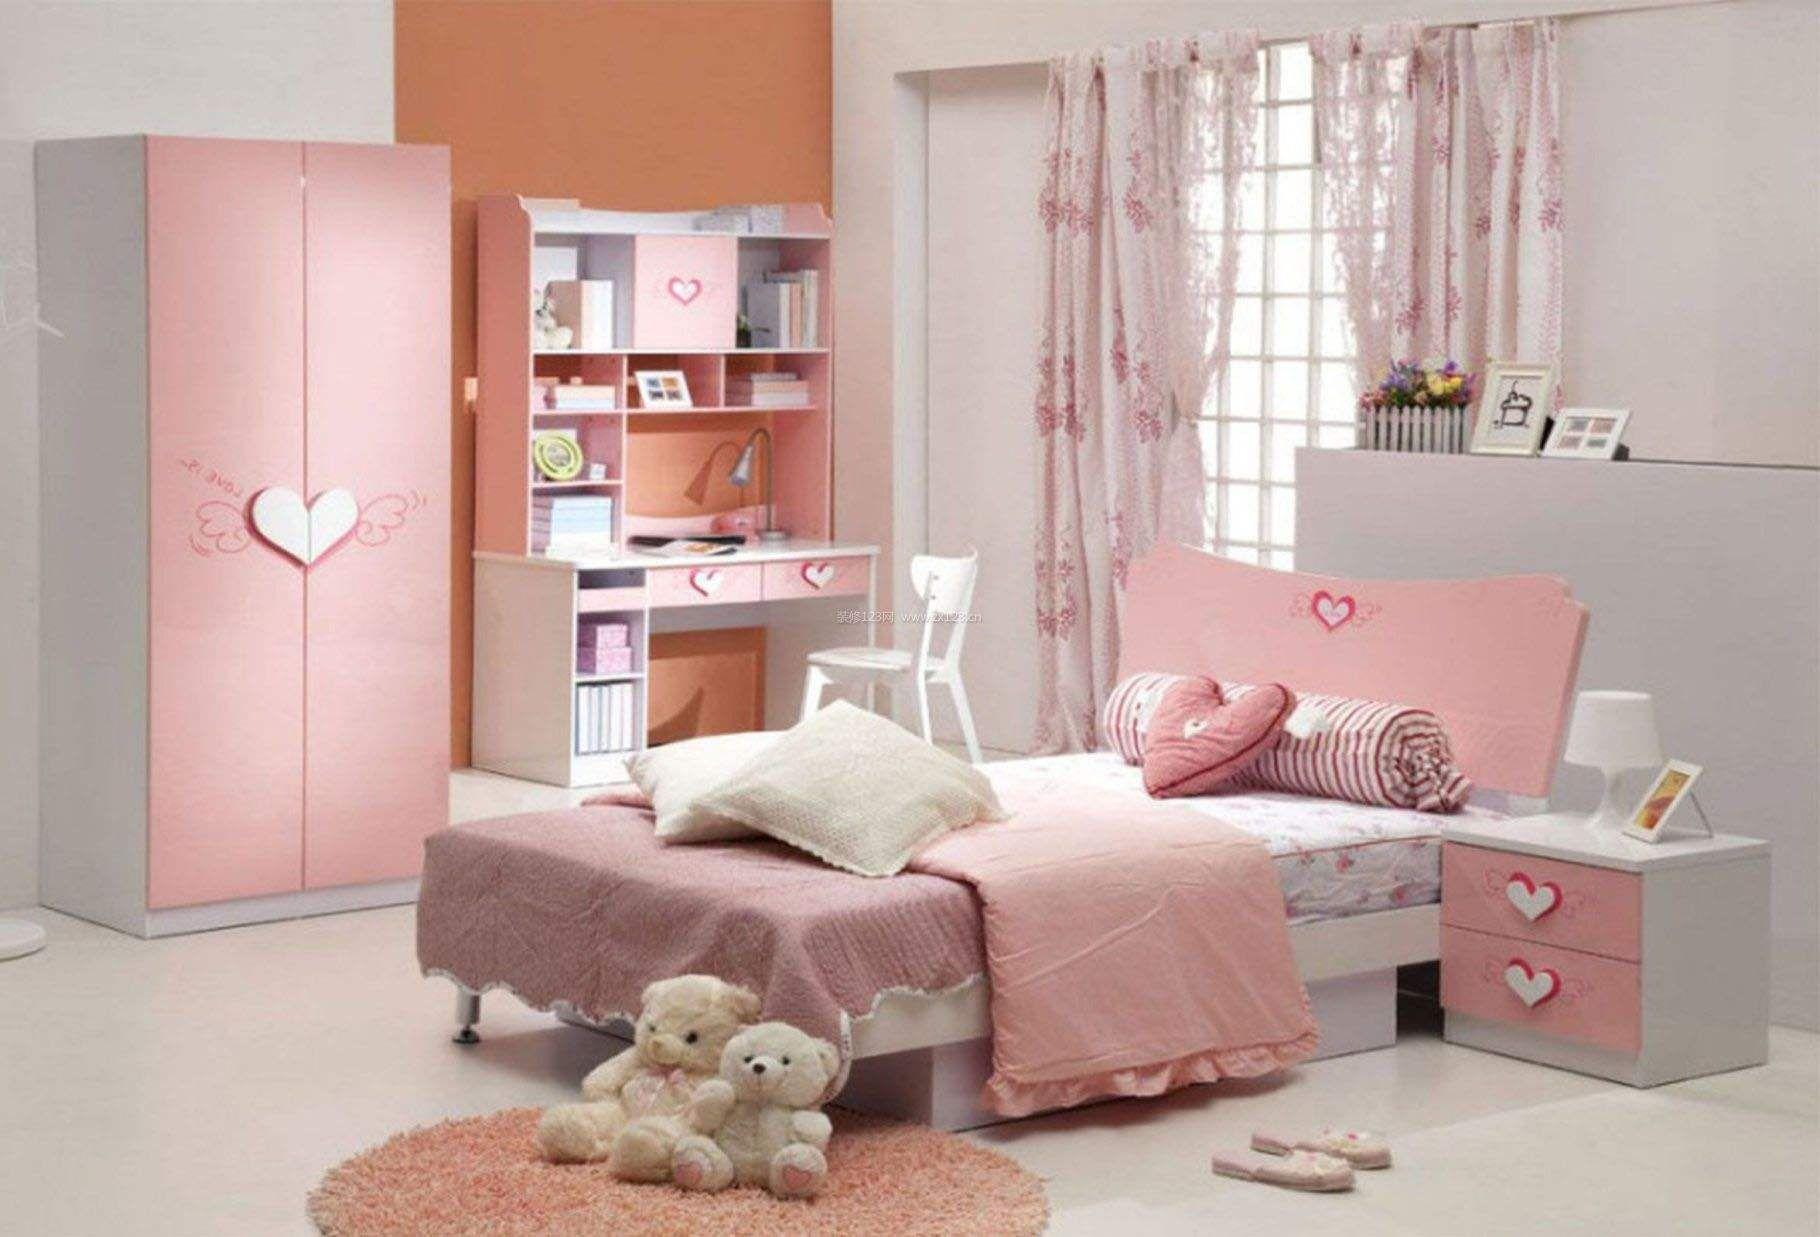 女生房间设计要点 女生房间装修效果图